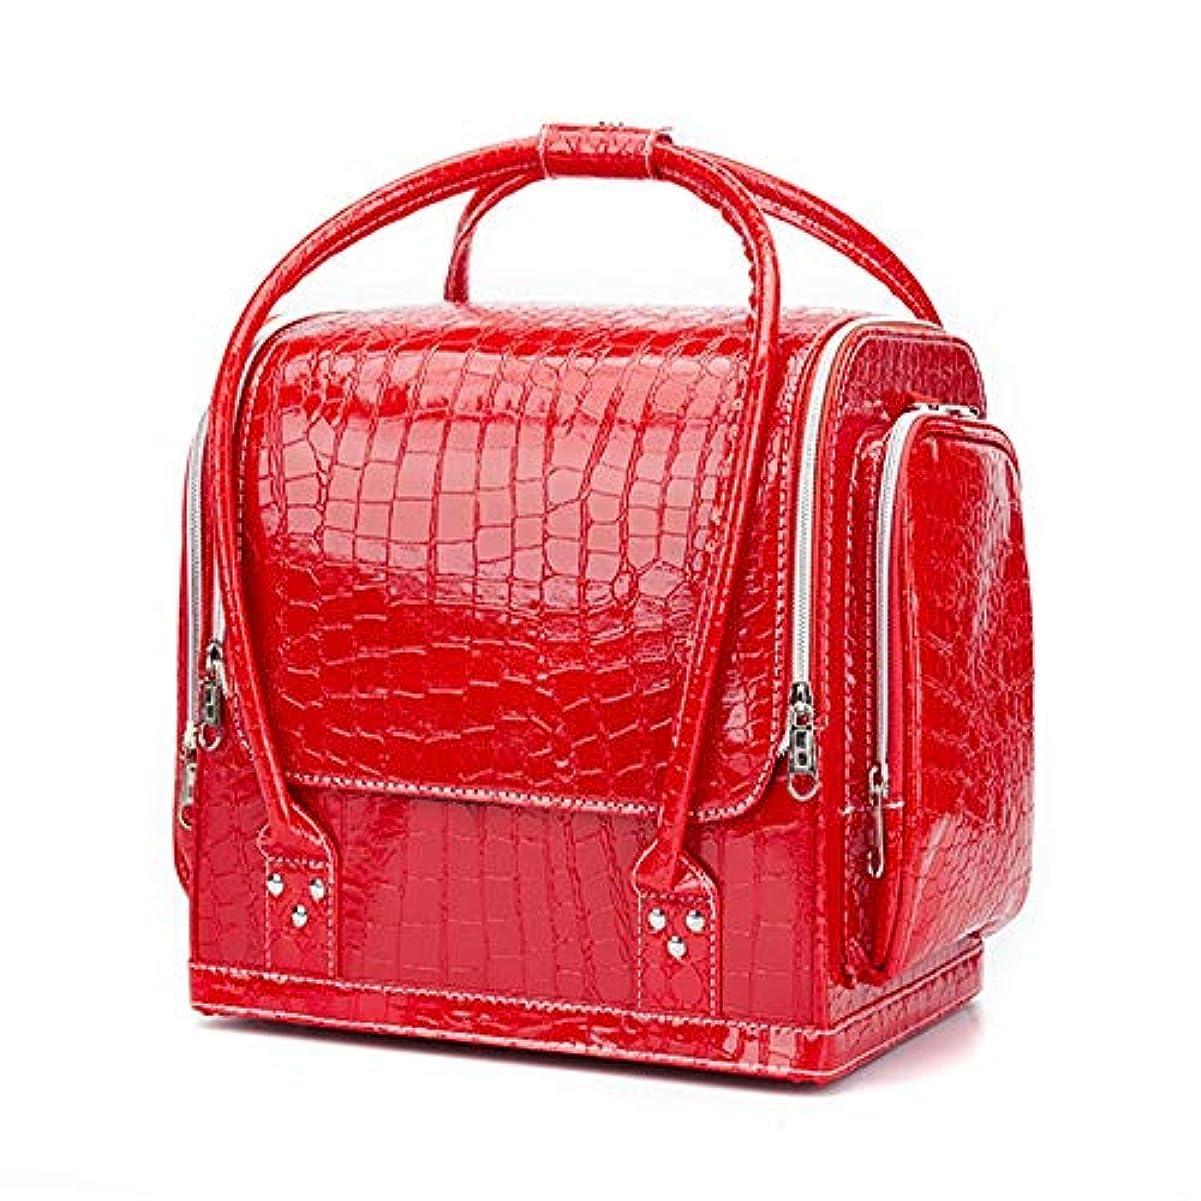 ジュニア一般的に仮称化粧オーガナイザーバッグ ポータブルプロフェッショナルpuレザー旅行メイクアップバッグパターンメイクアップアーティストケーストレインボックス化粧品オーガナイザー収納用十代の女の子女性アーティスト 化粧品ケース (色 : 赤)